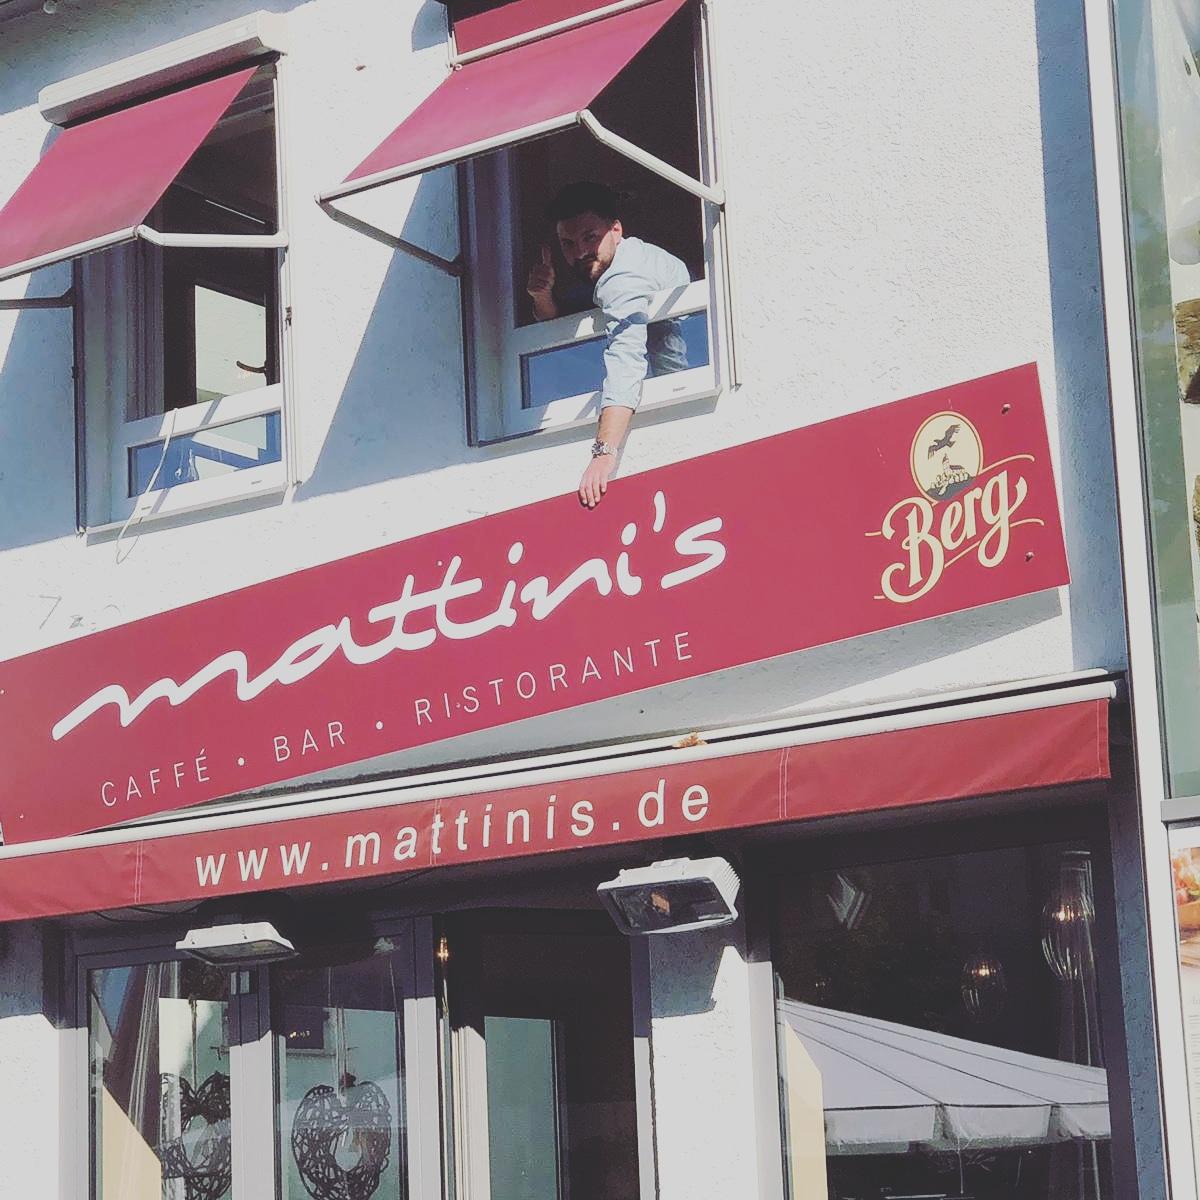 Mattini's in Metzingen - Wir sind wieder für Sie da!